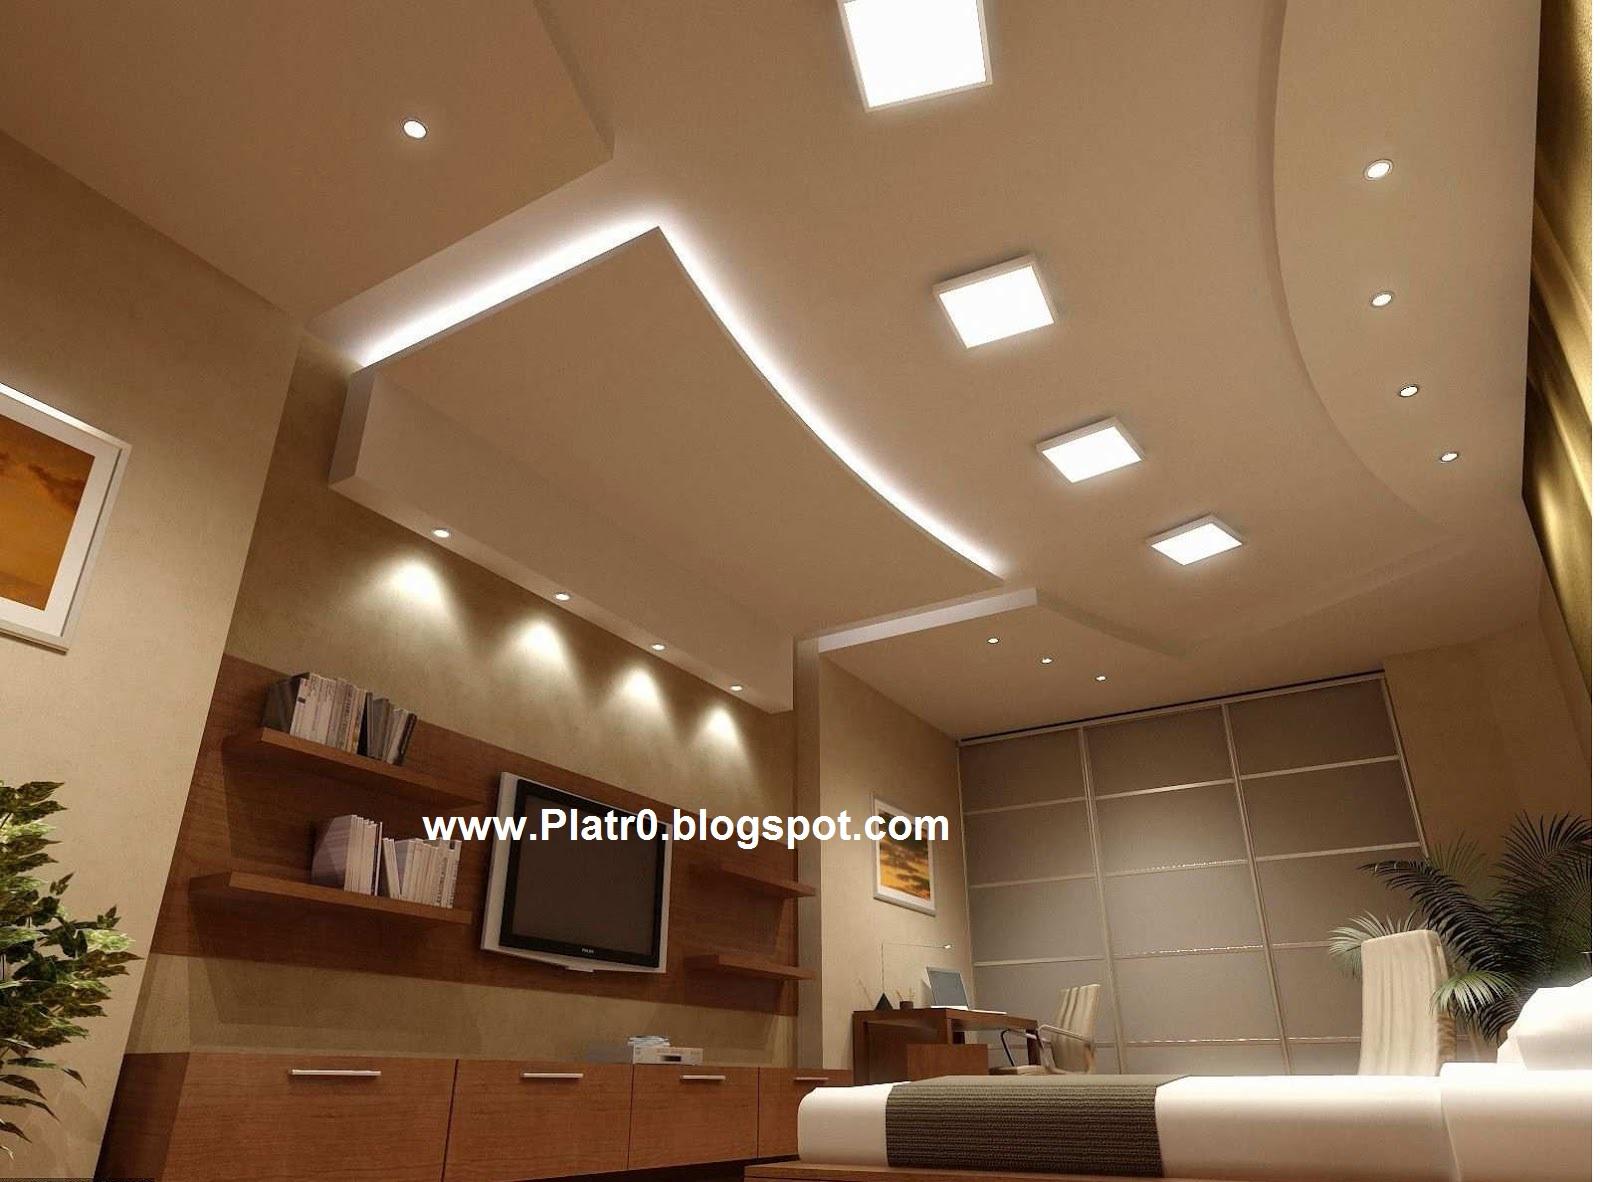 Faux Plafond Suspendu En Dalles Isolantes best ceiling lights plaster - décoration platre maroc - faux